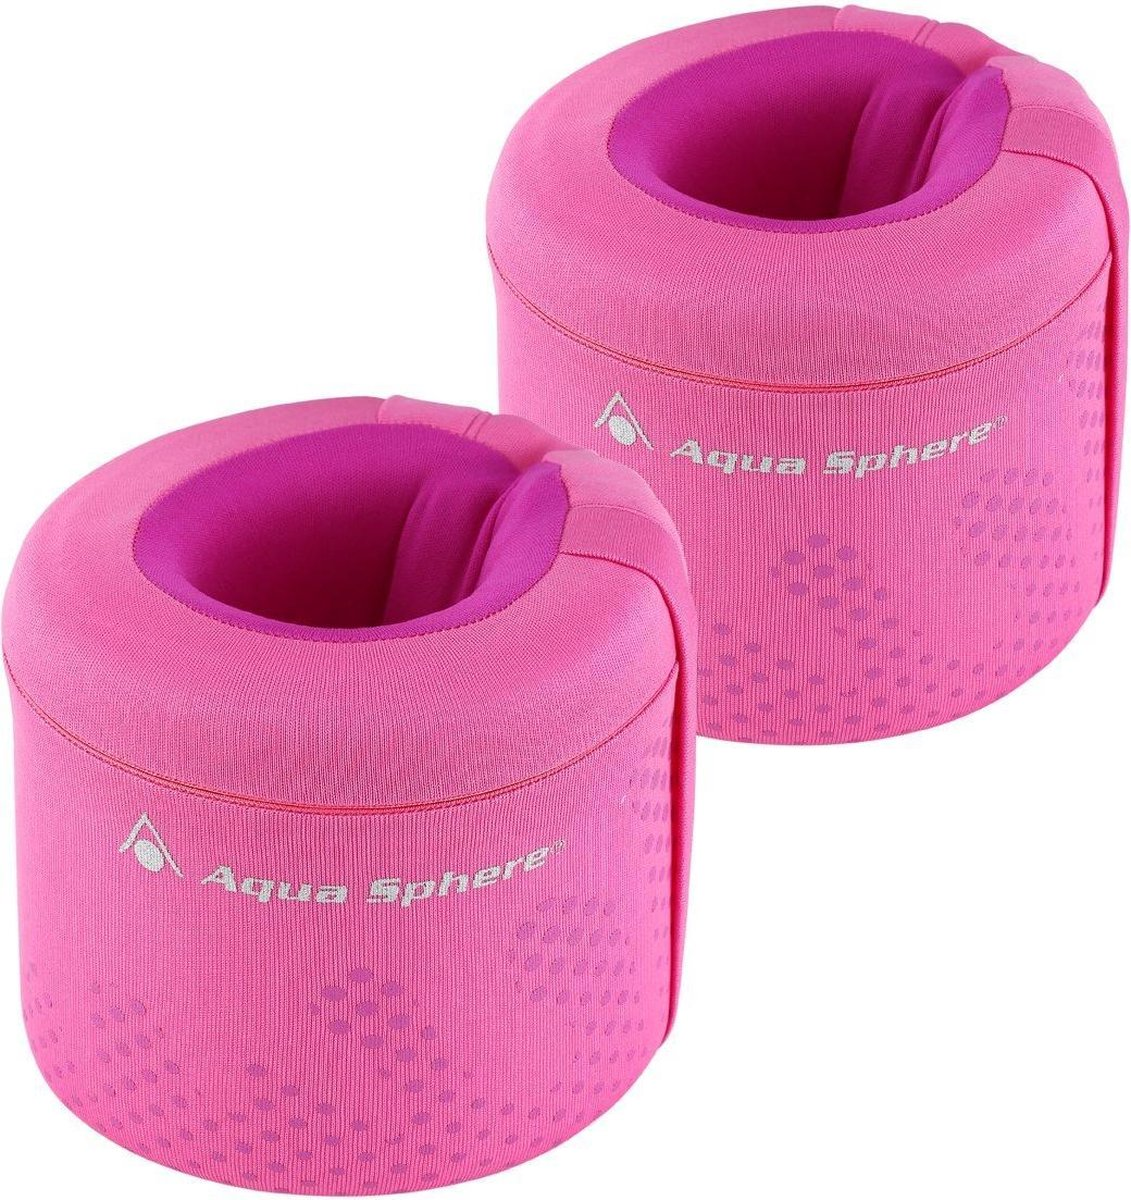 Aqua Sphere Arm Floats - Zwembandjes - Kinderen - Roze/Paars - 3-6Y (18-30kg)